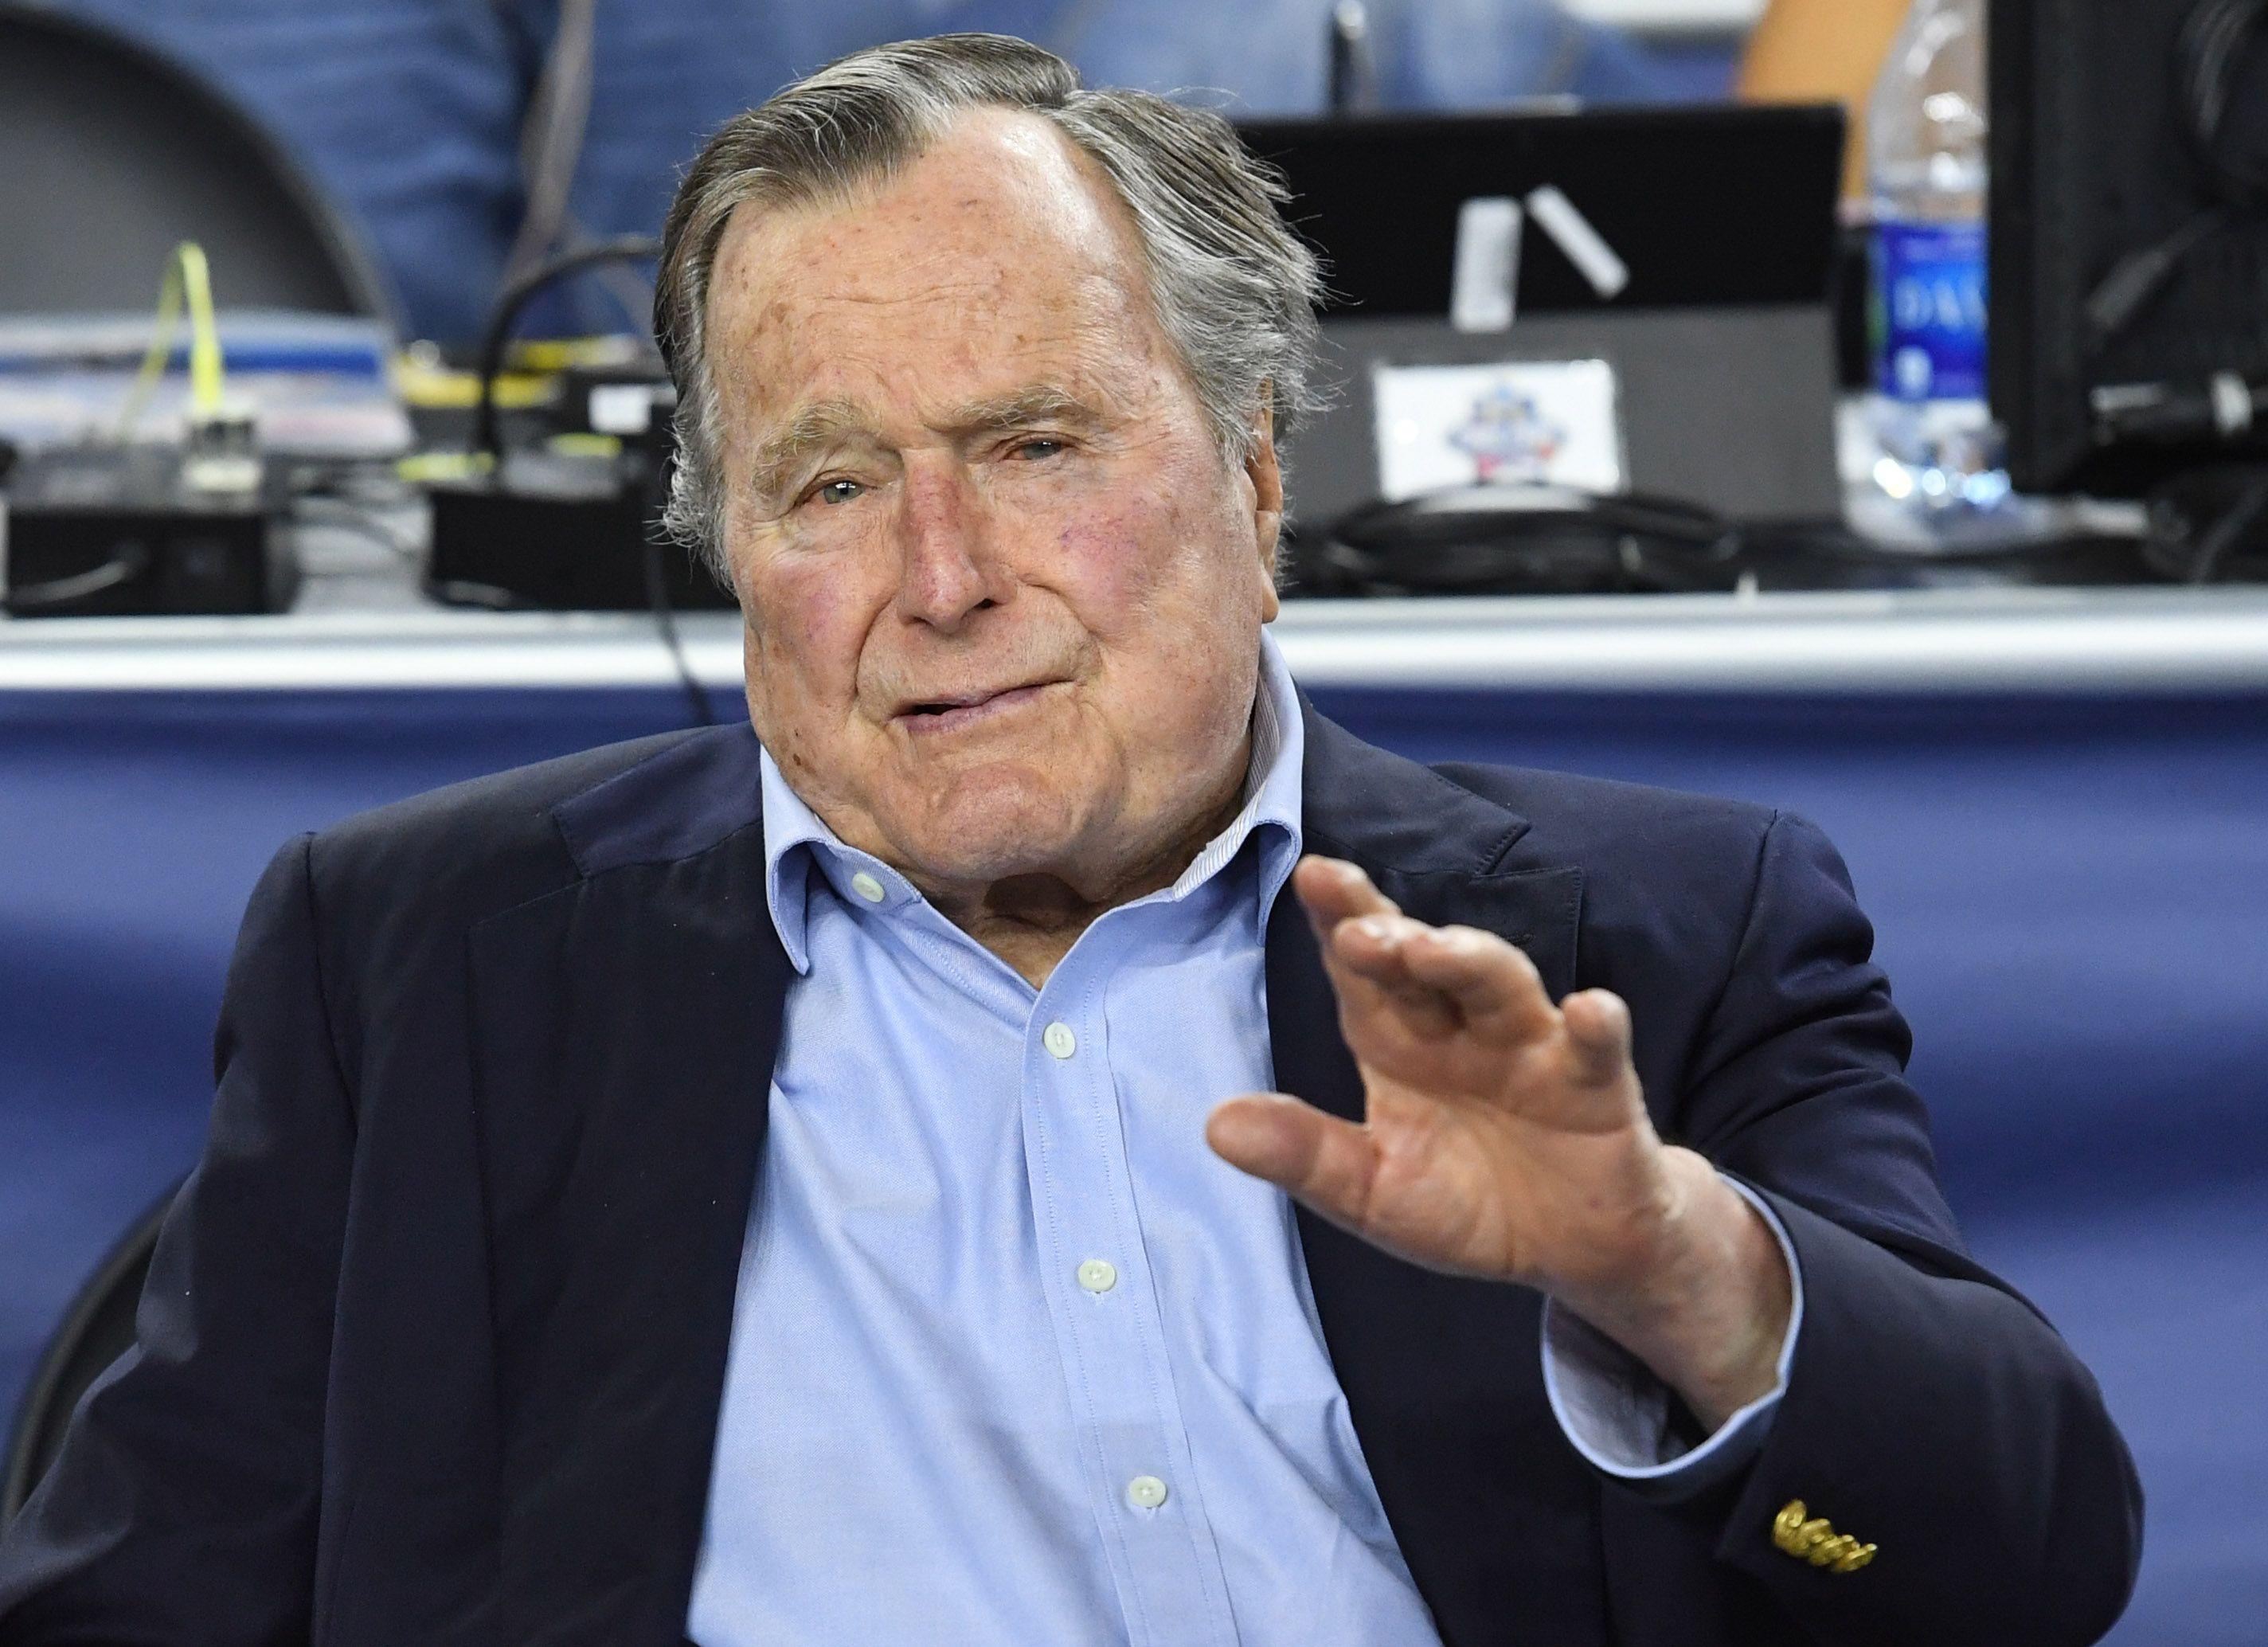 George Bush senior devrait voter pour Hillary Clinton